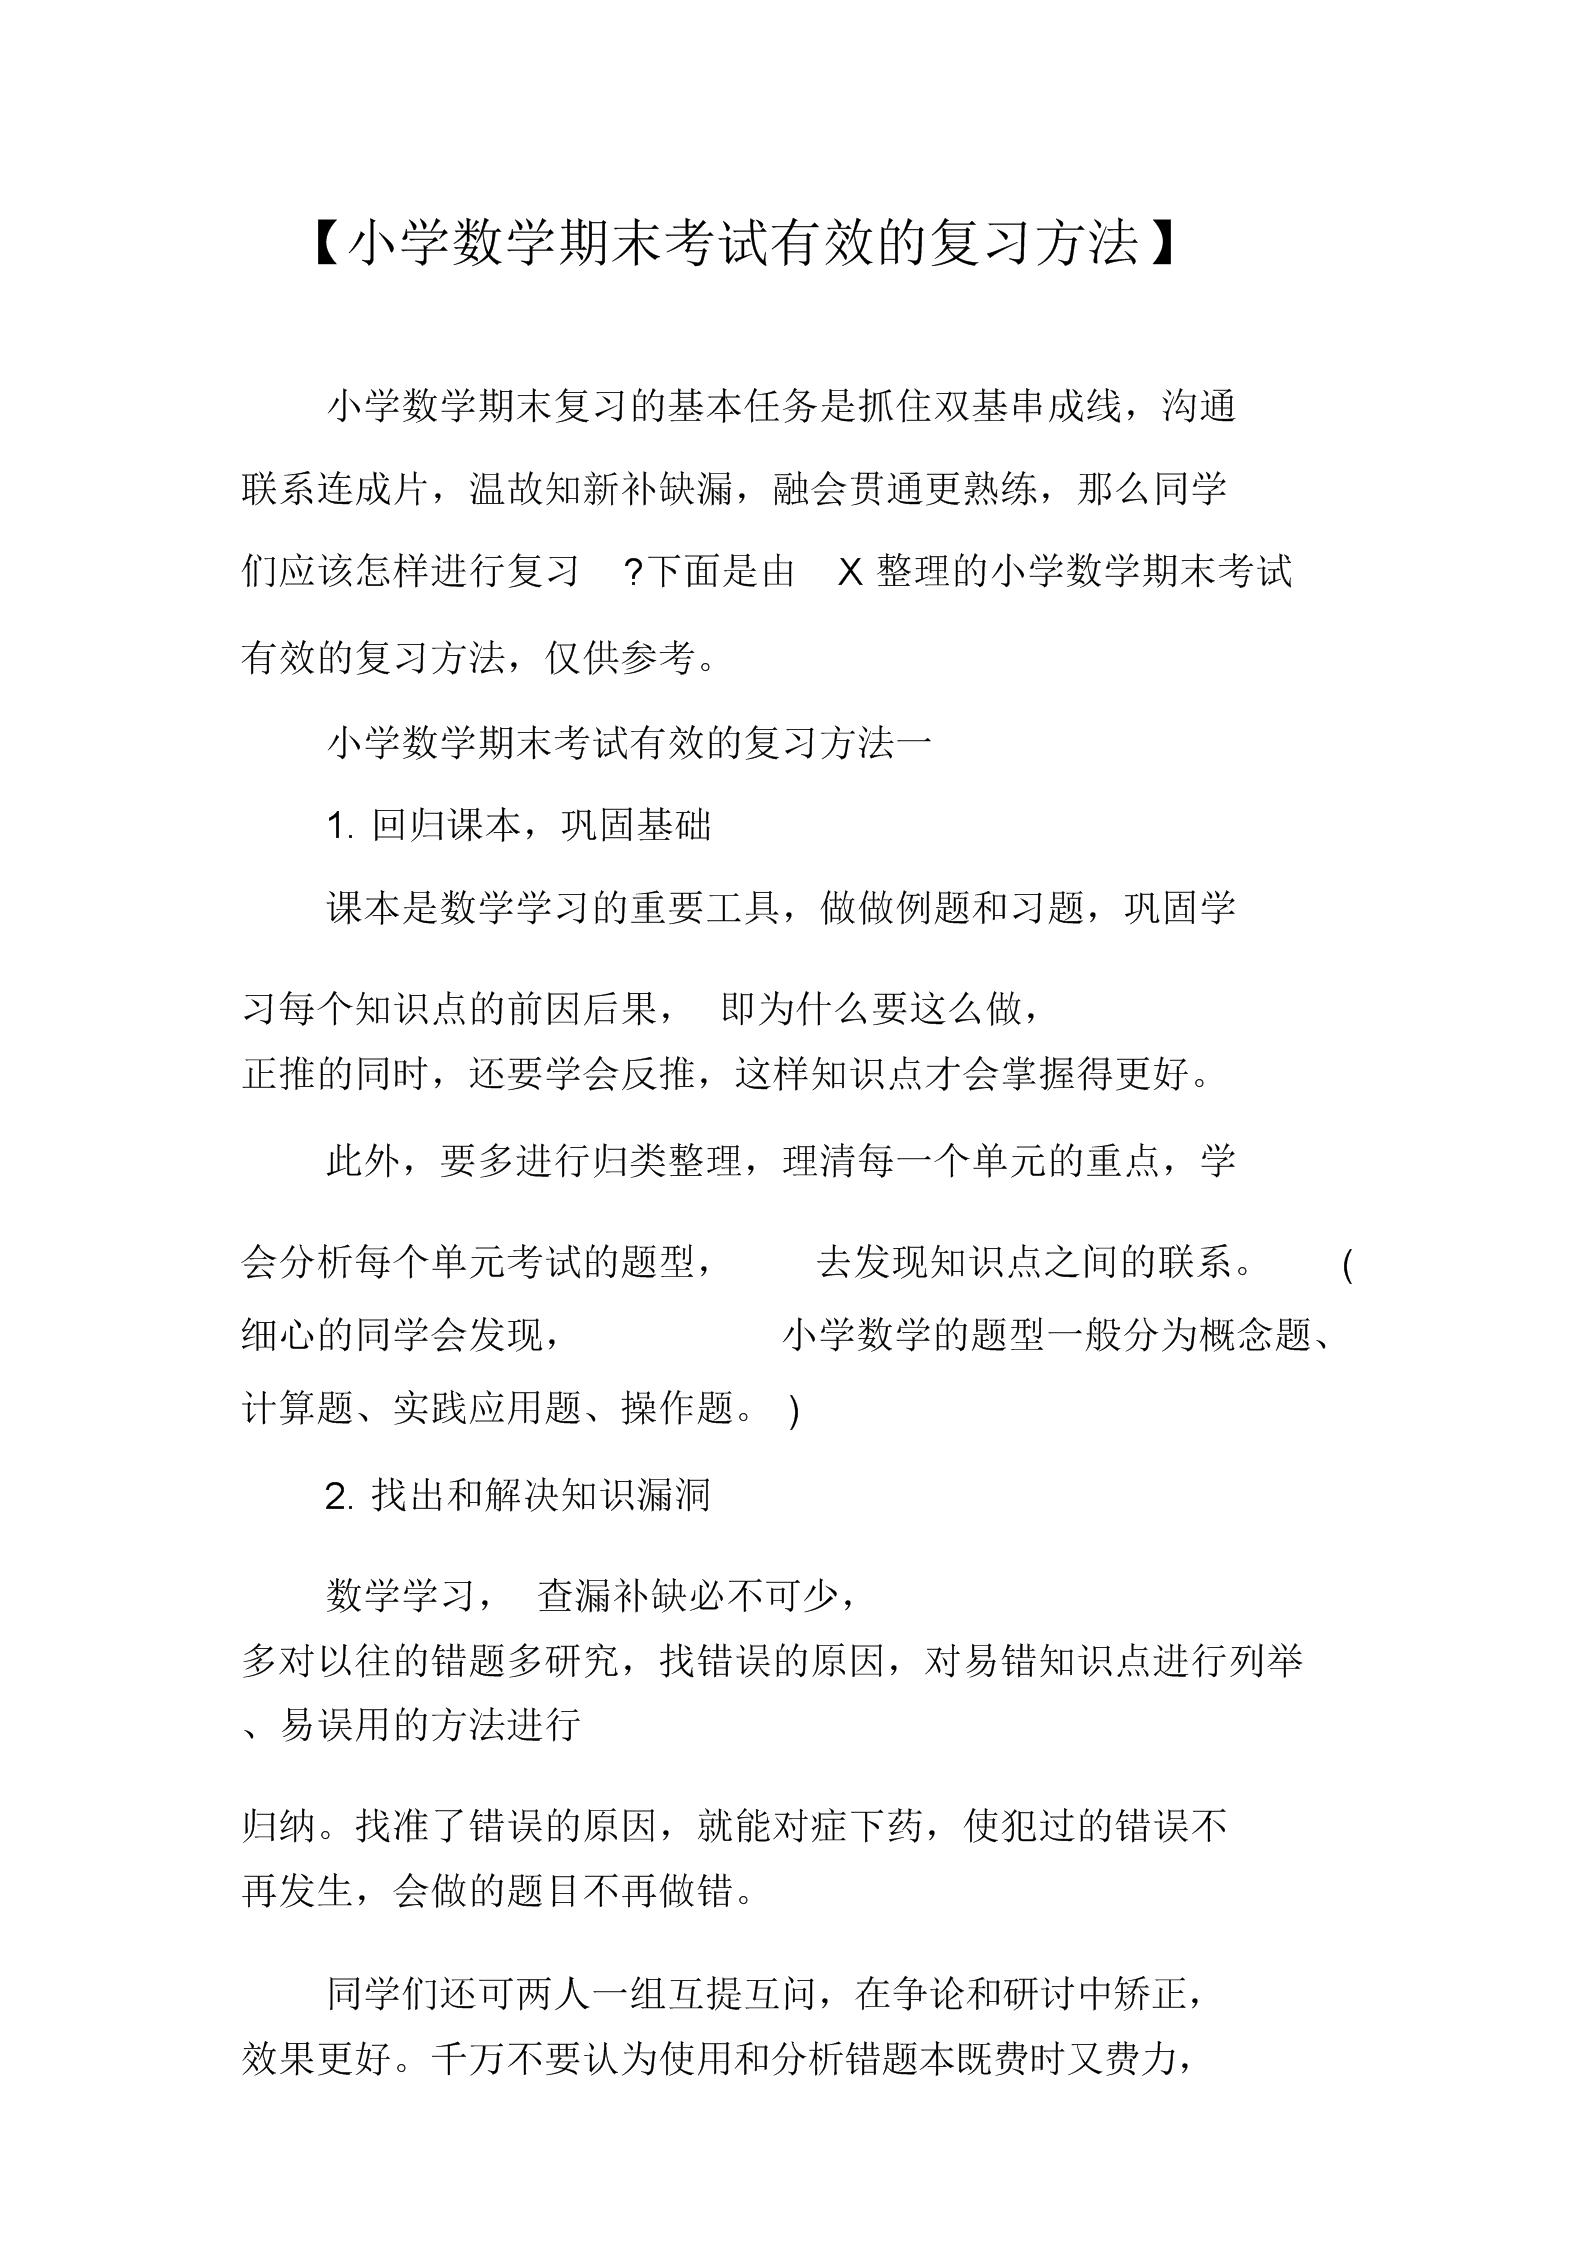 【小学数学期末考试有效的复习方法】.doc